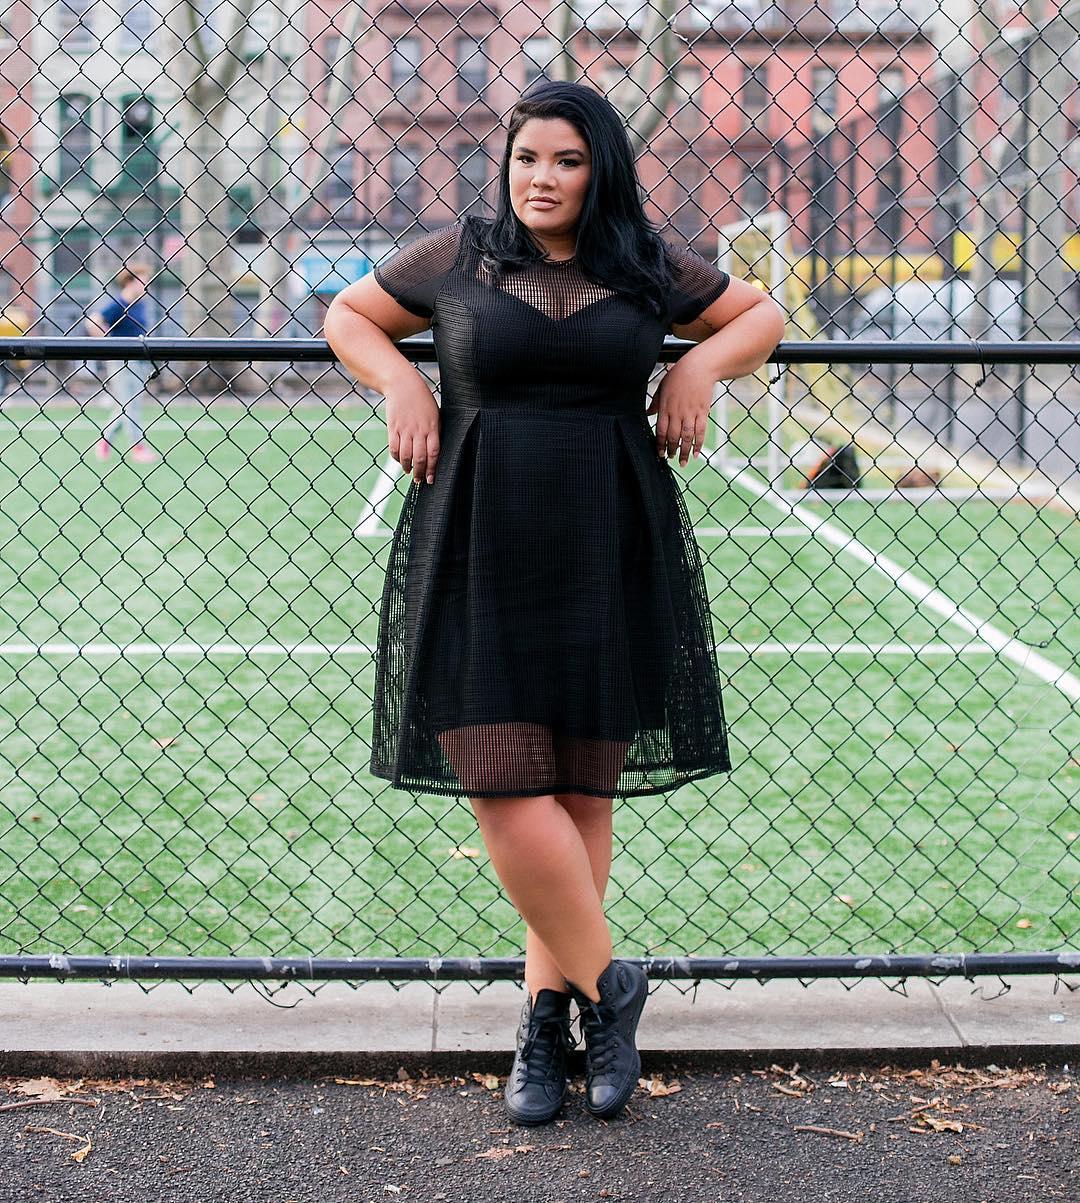 Fashion to Figure Drops Een nieuwe edgy & sexy collectie mode om te zien